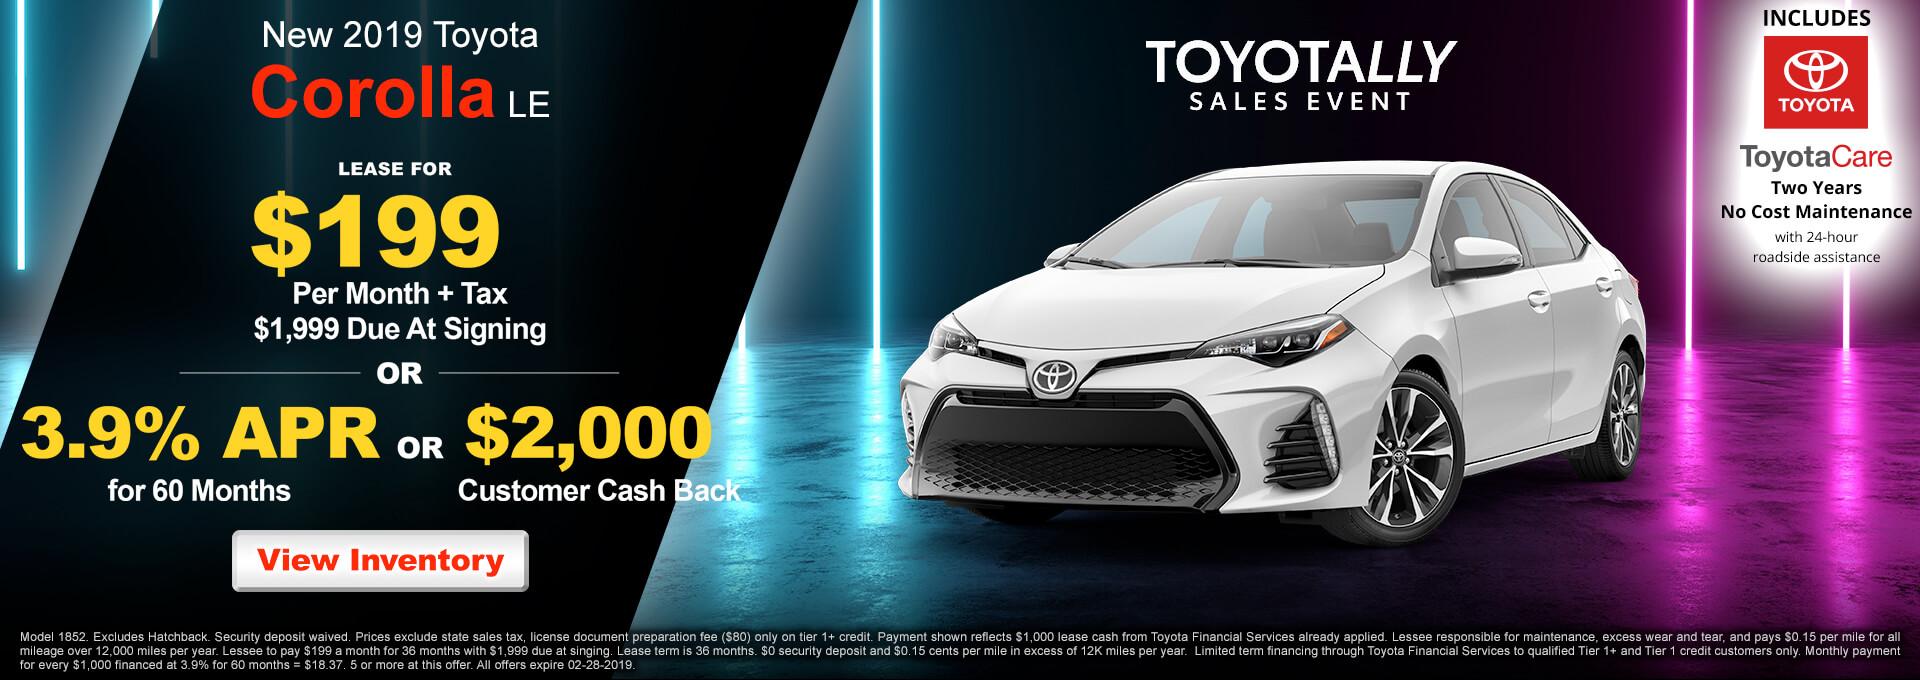 2019 Toyota Corolla LE $199